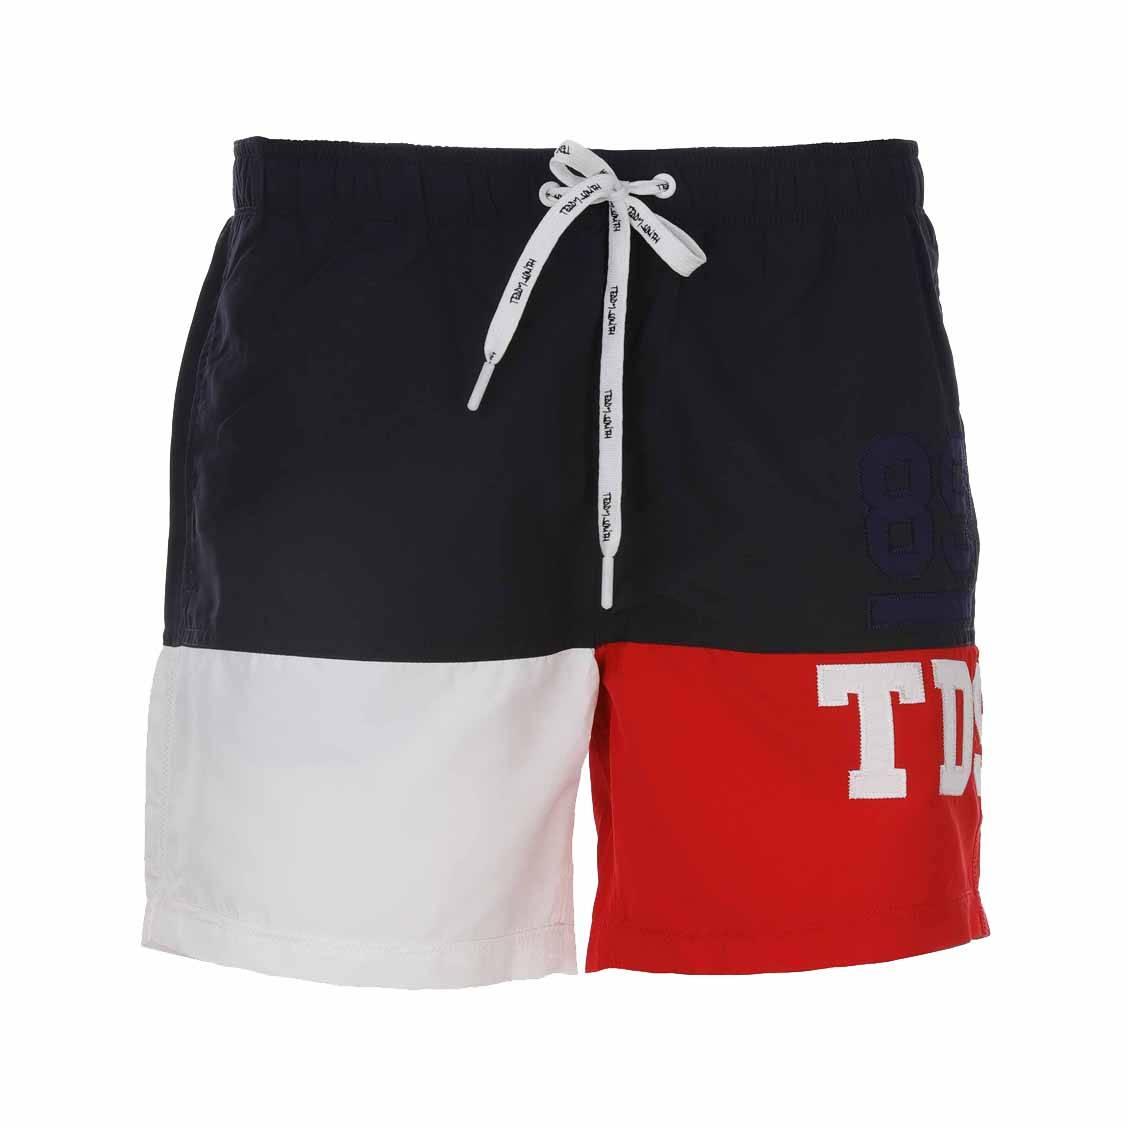 Short de bain Teddy Smith Sigum colorblock bleu marine, blanc et rouge